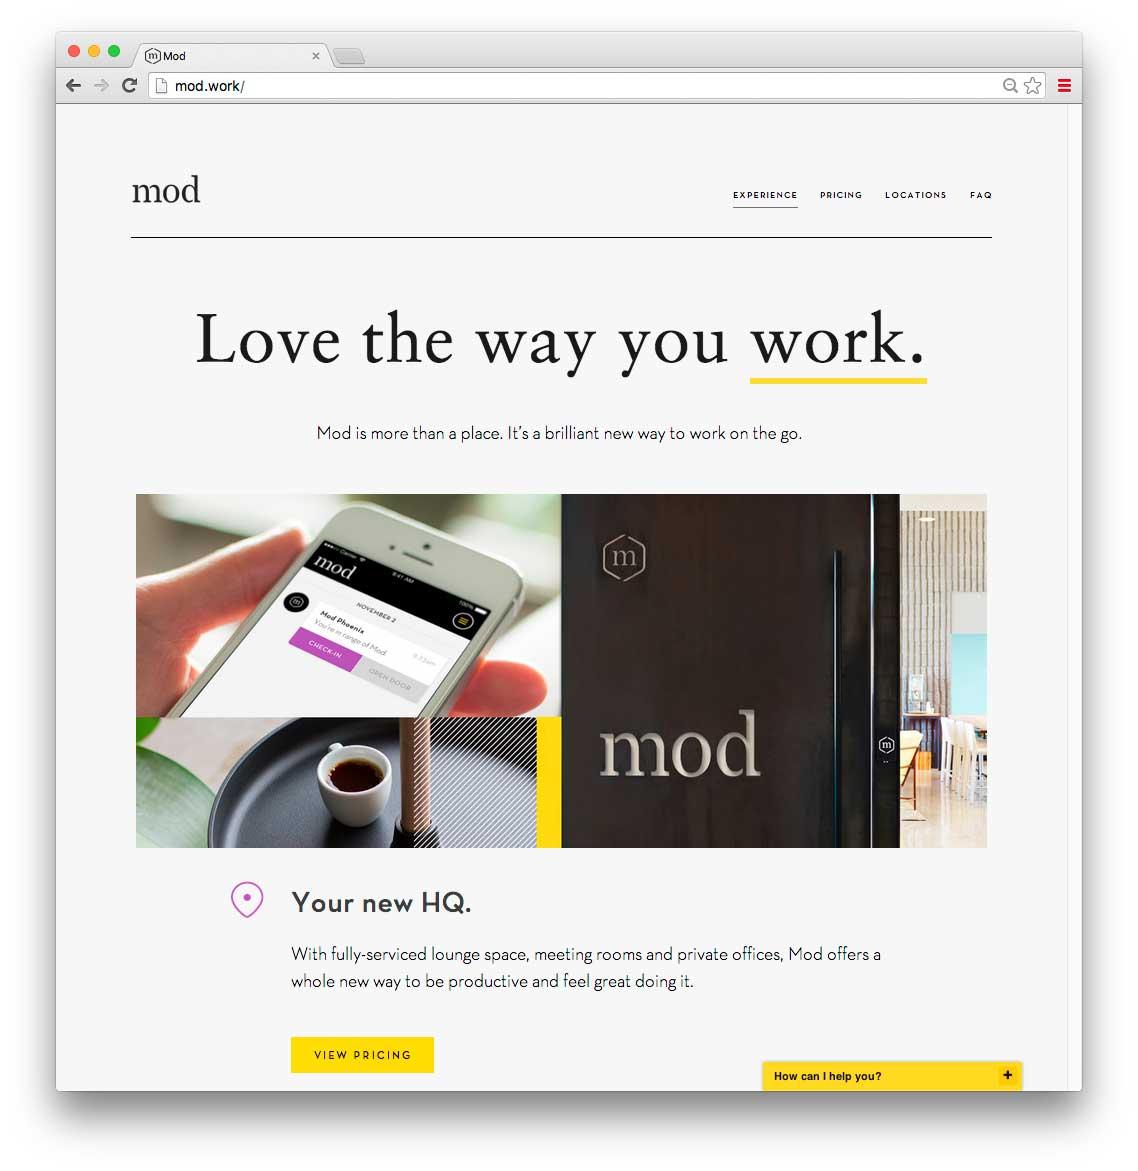 mod_website.jpg